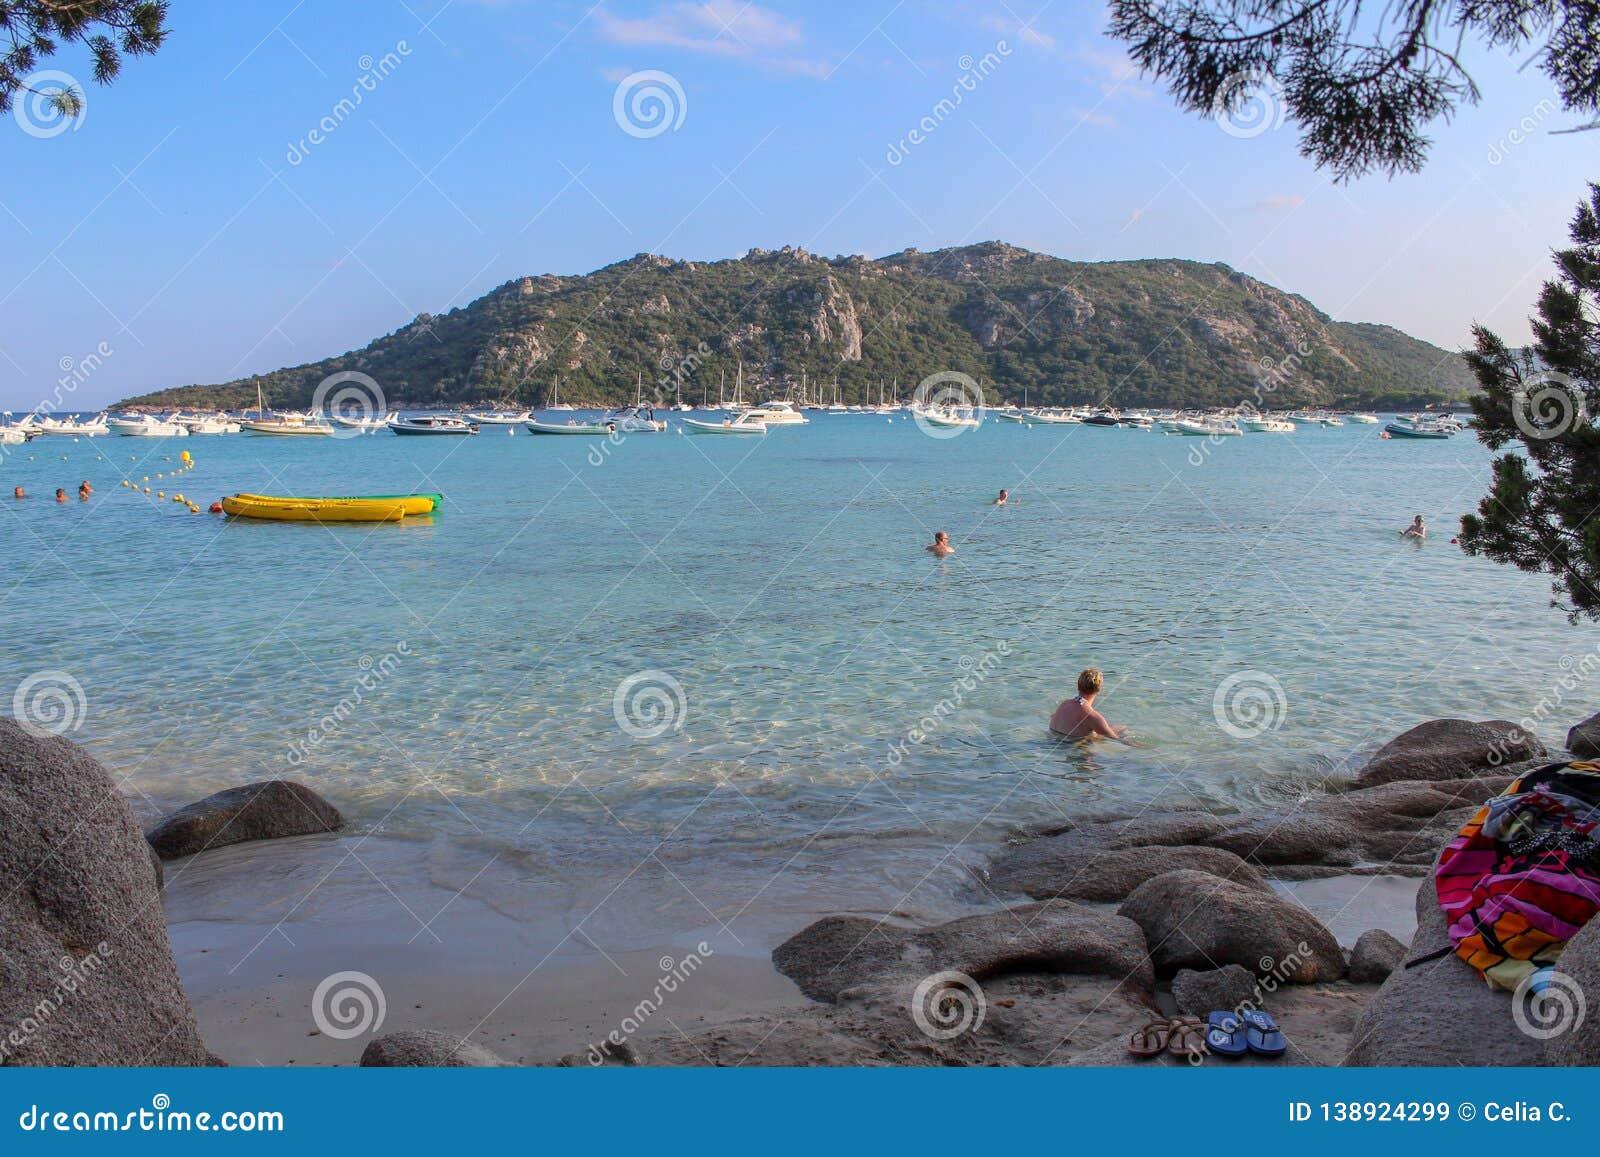 Santa-Giulia beach